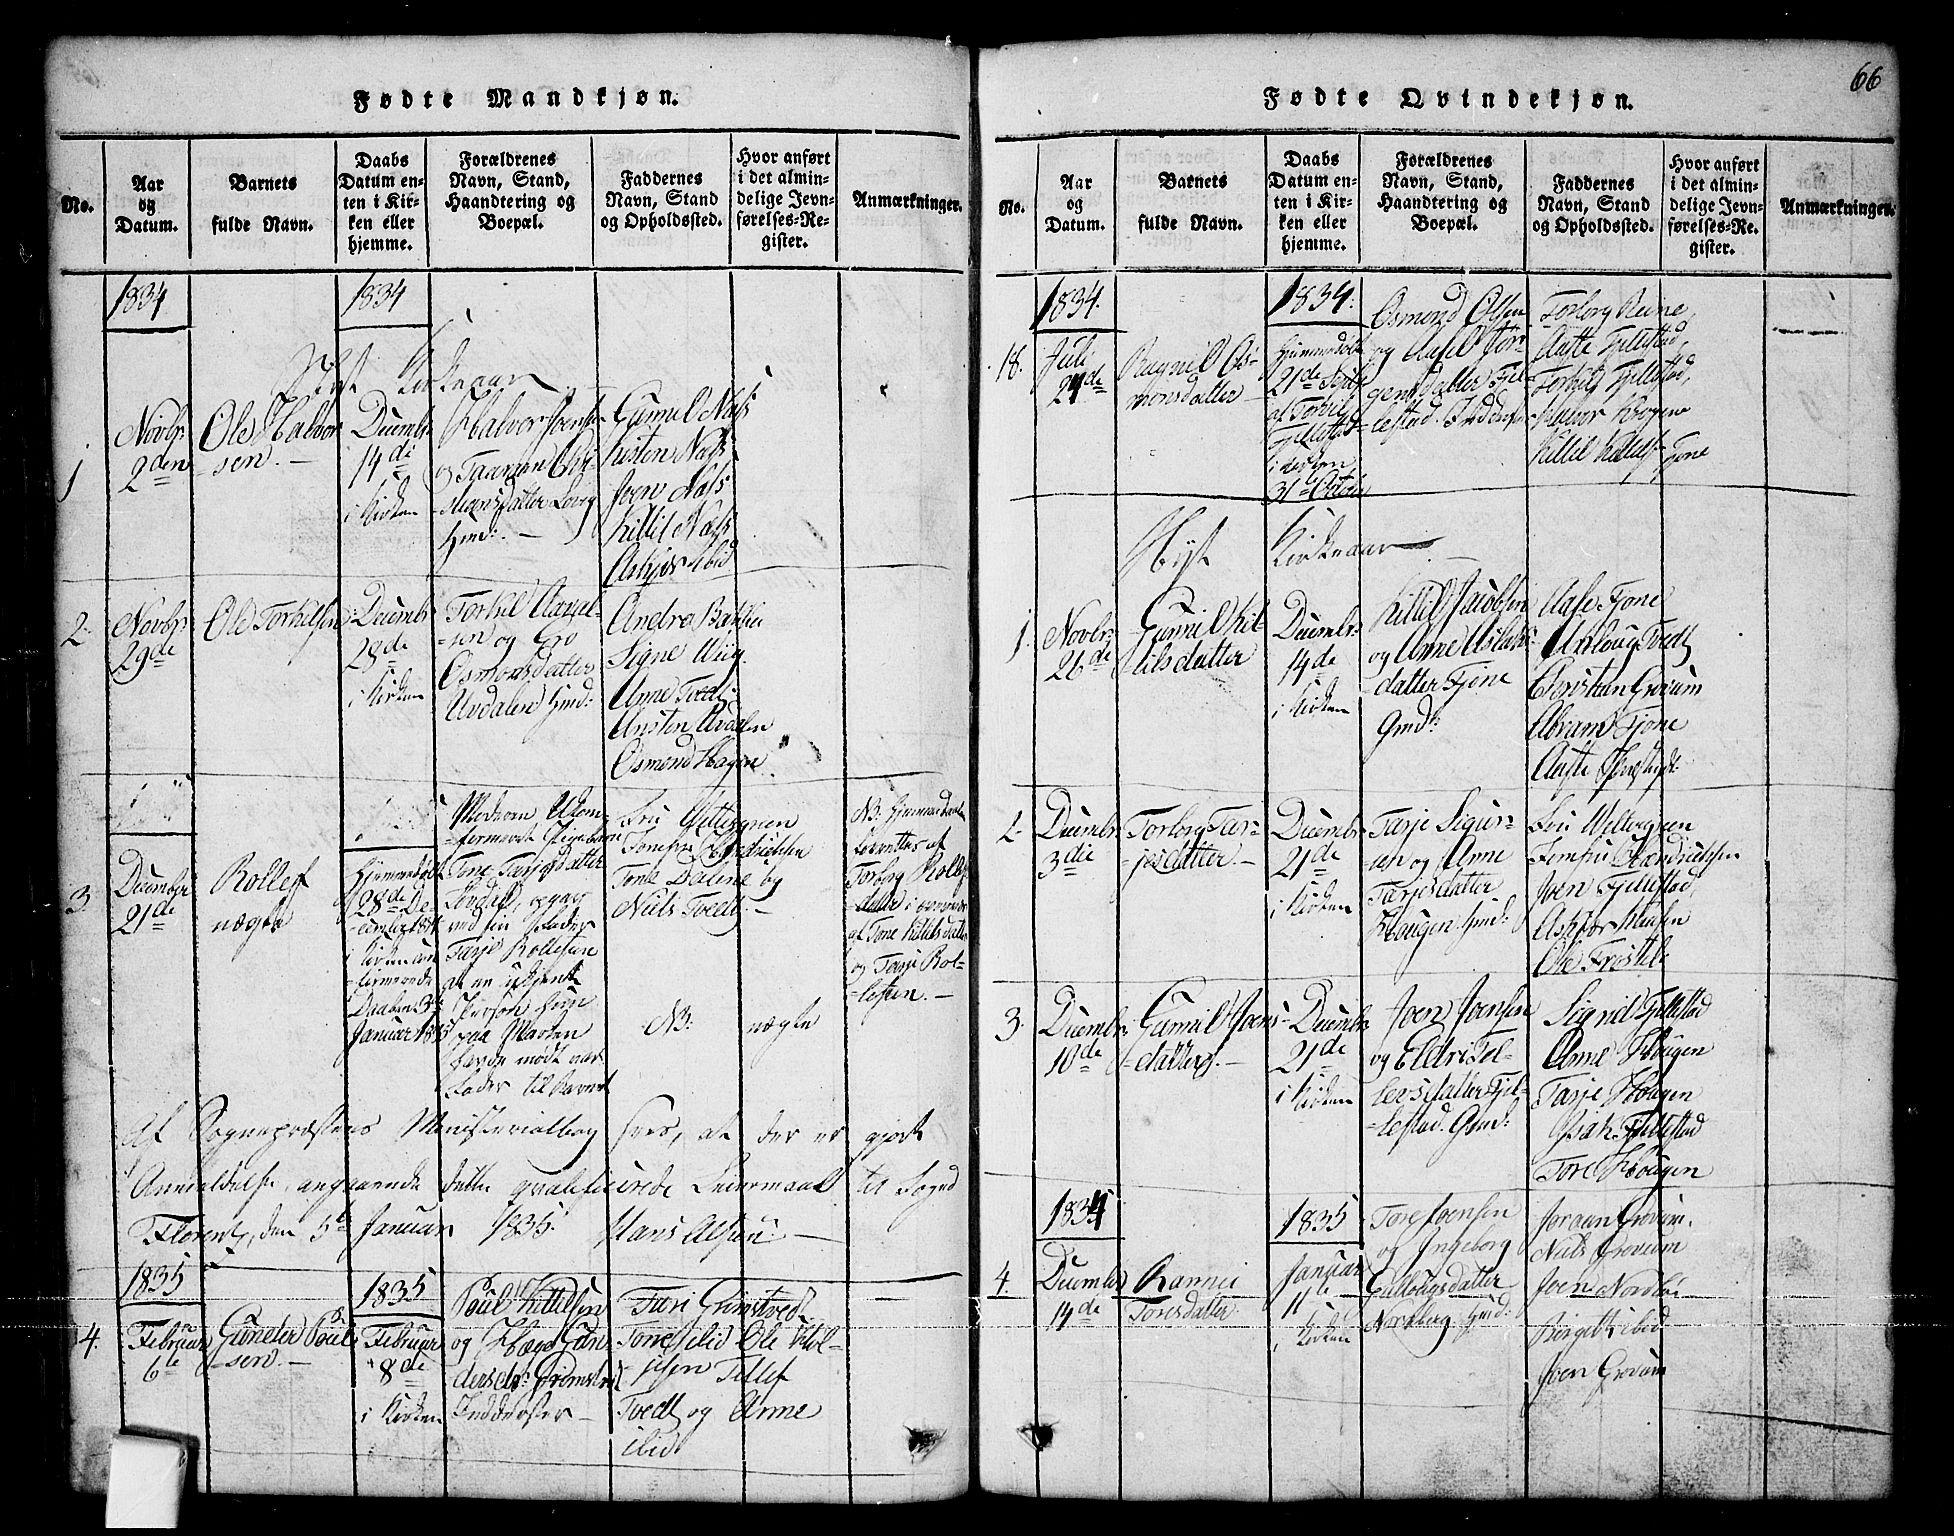 SAKO, Nissedal kirkebøker, G/Ga/L0001: Klokkerbok nr. I 1, 1814-1860, s. 66